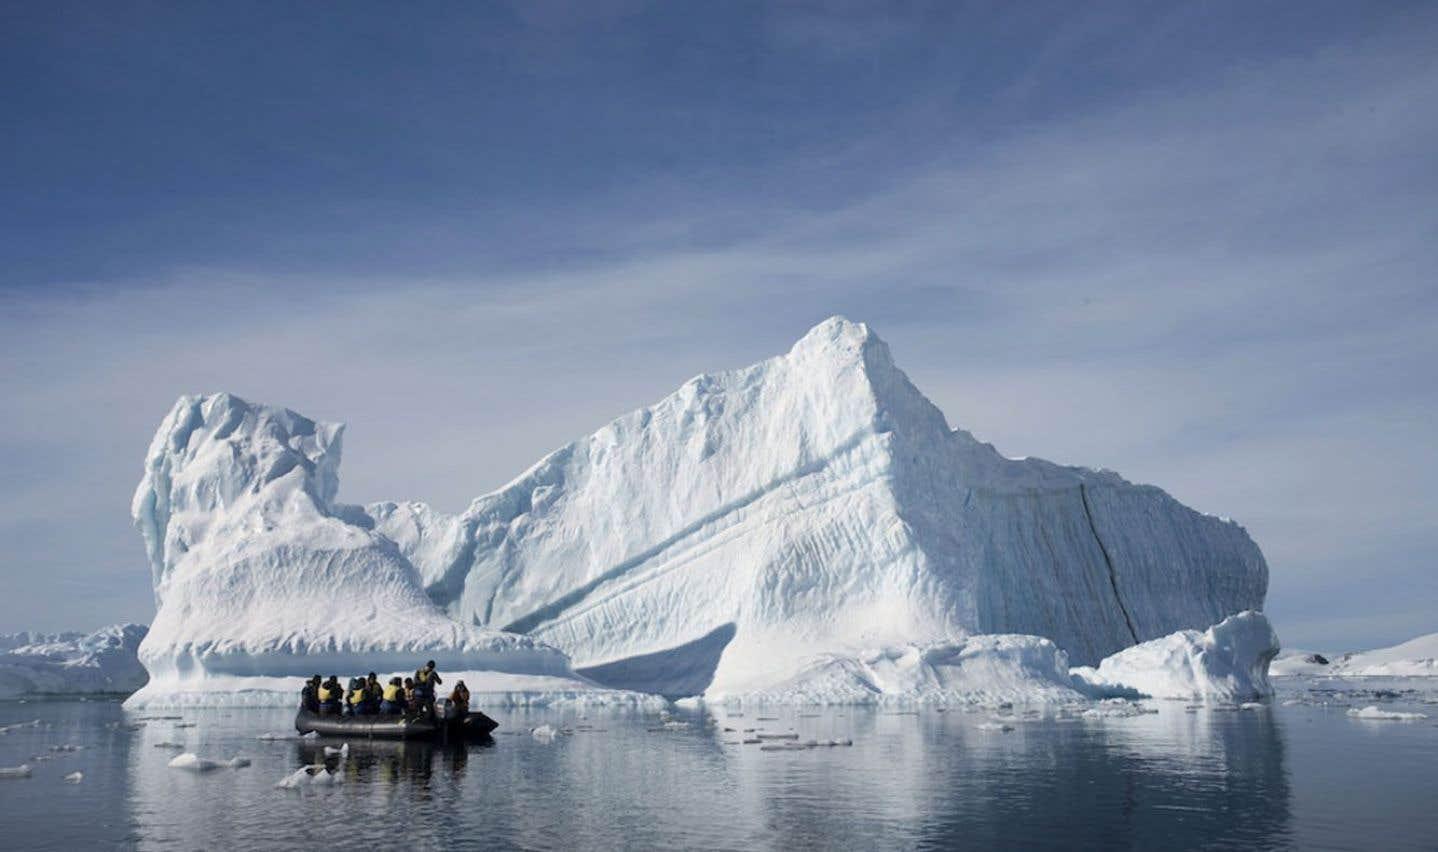 Antarctique - Moscou et Pékin rejettent la création d'aires marines protégées